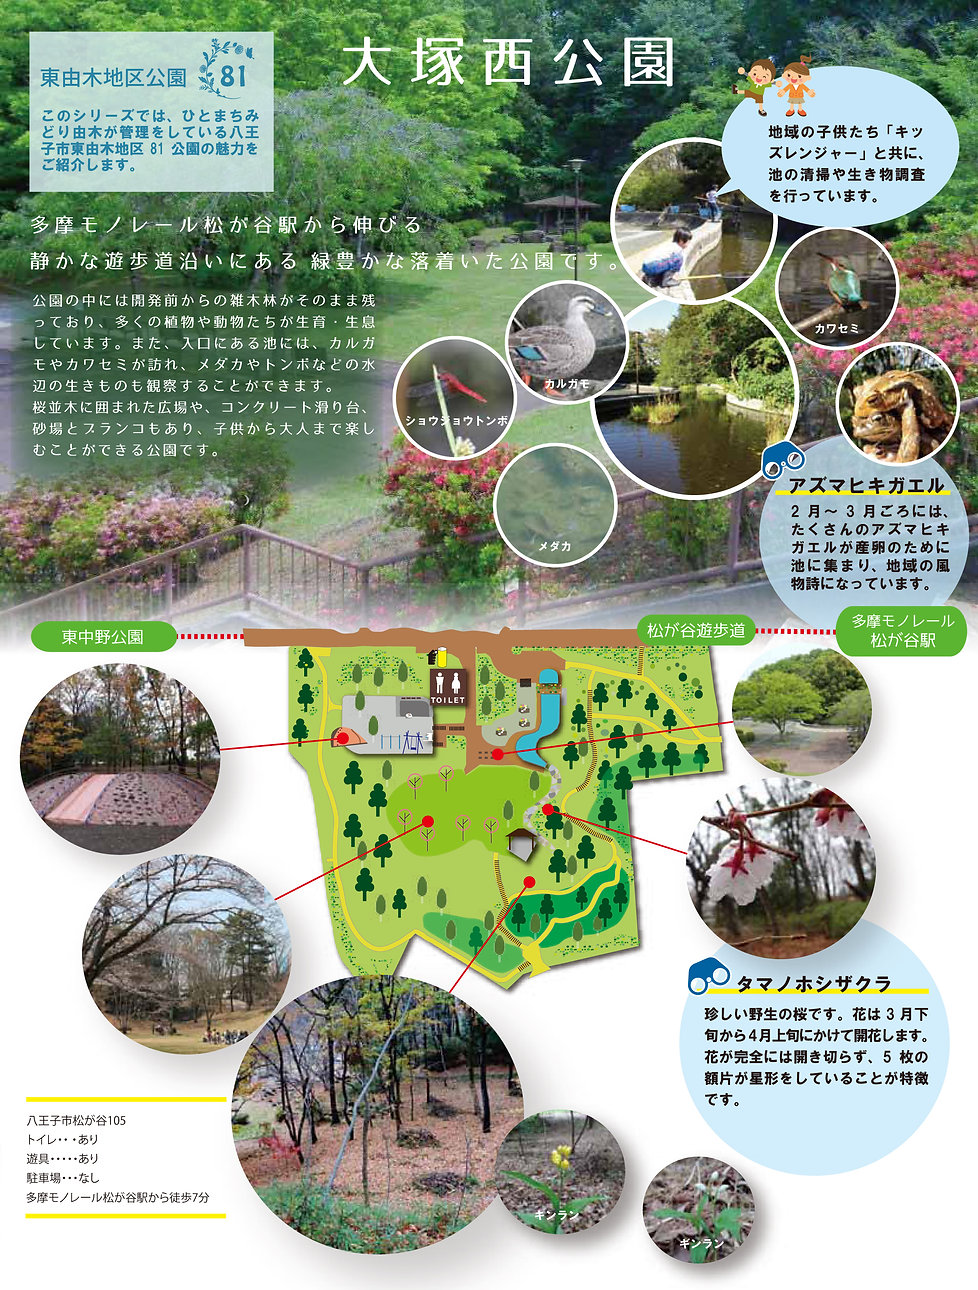 大塚西公園.jpg